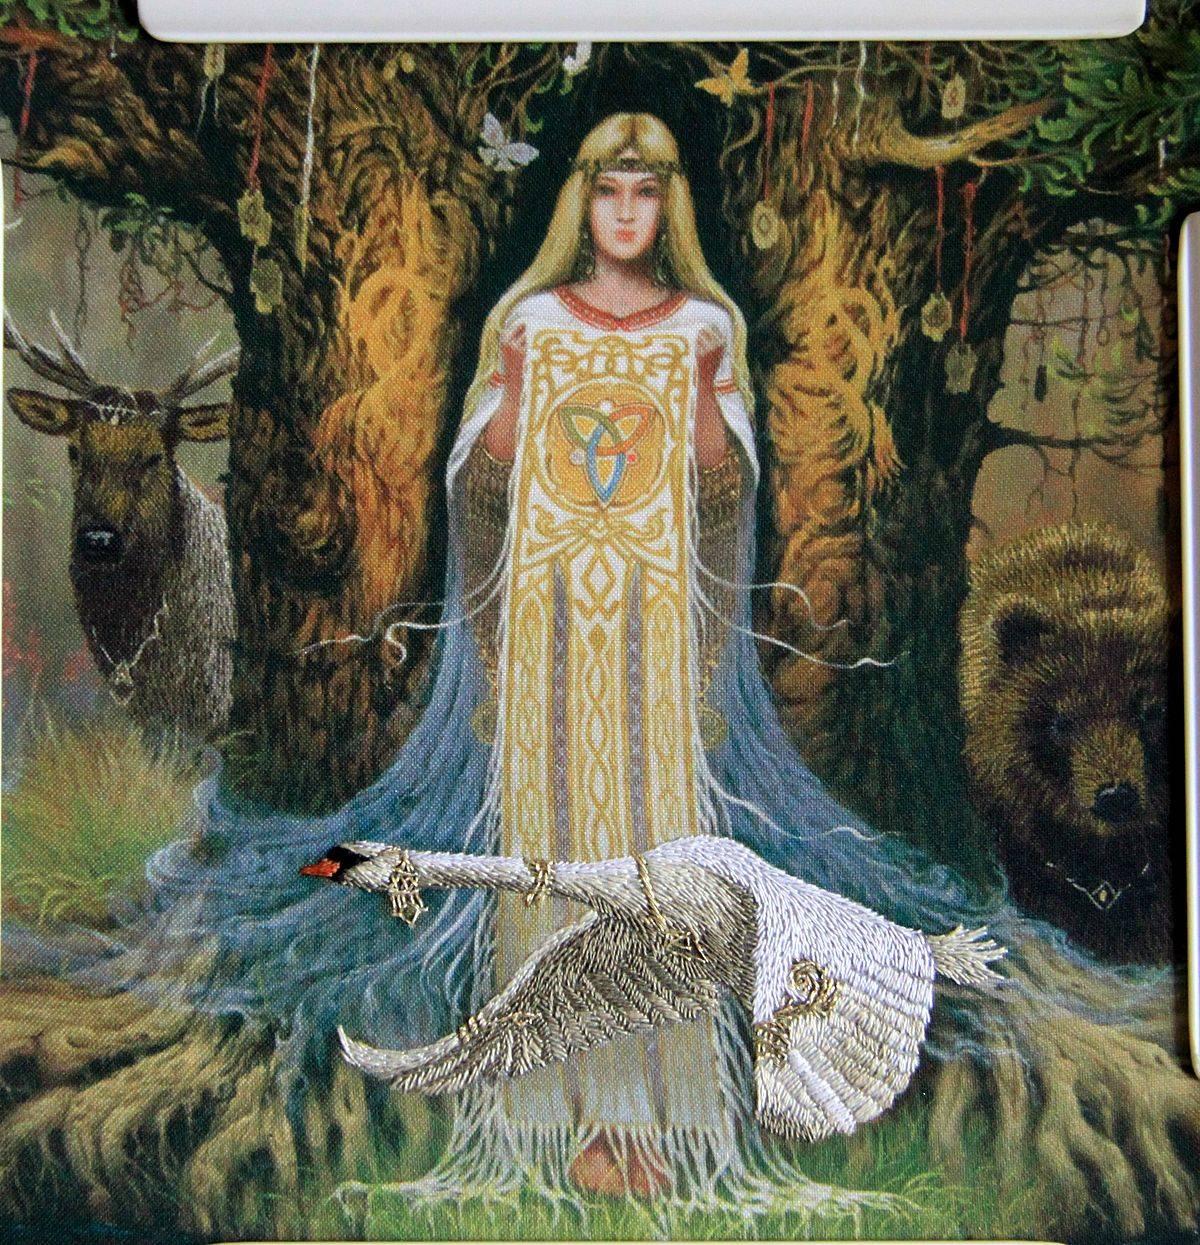 Знаки сварога у славян, рассмотрим все виды и значения символов у славян: крест, молот, колесо, щит, руна, молитву и история об этом языческом боге